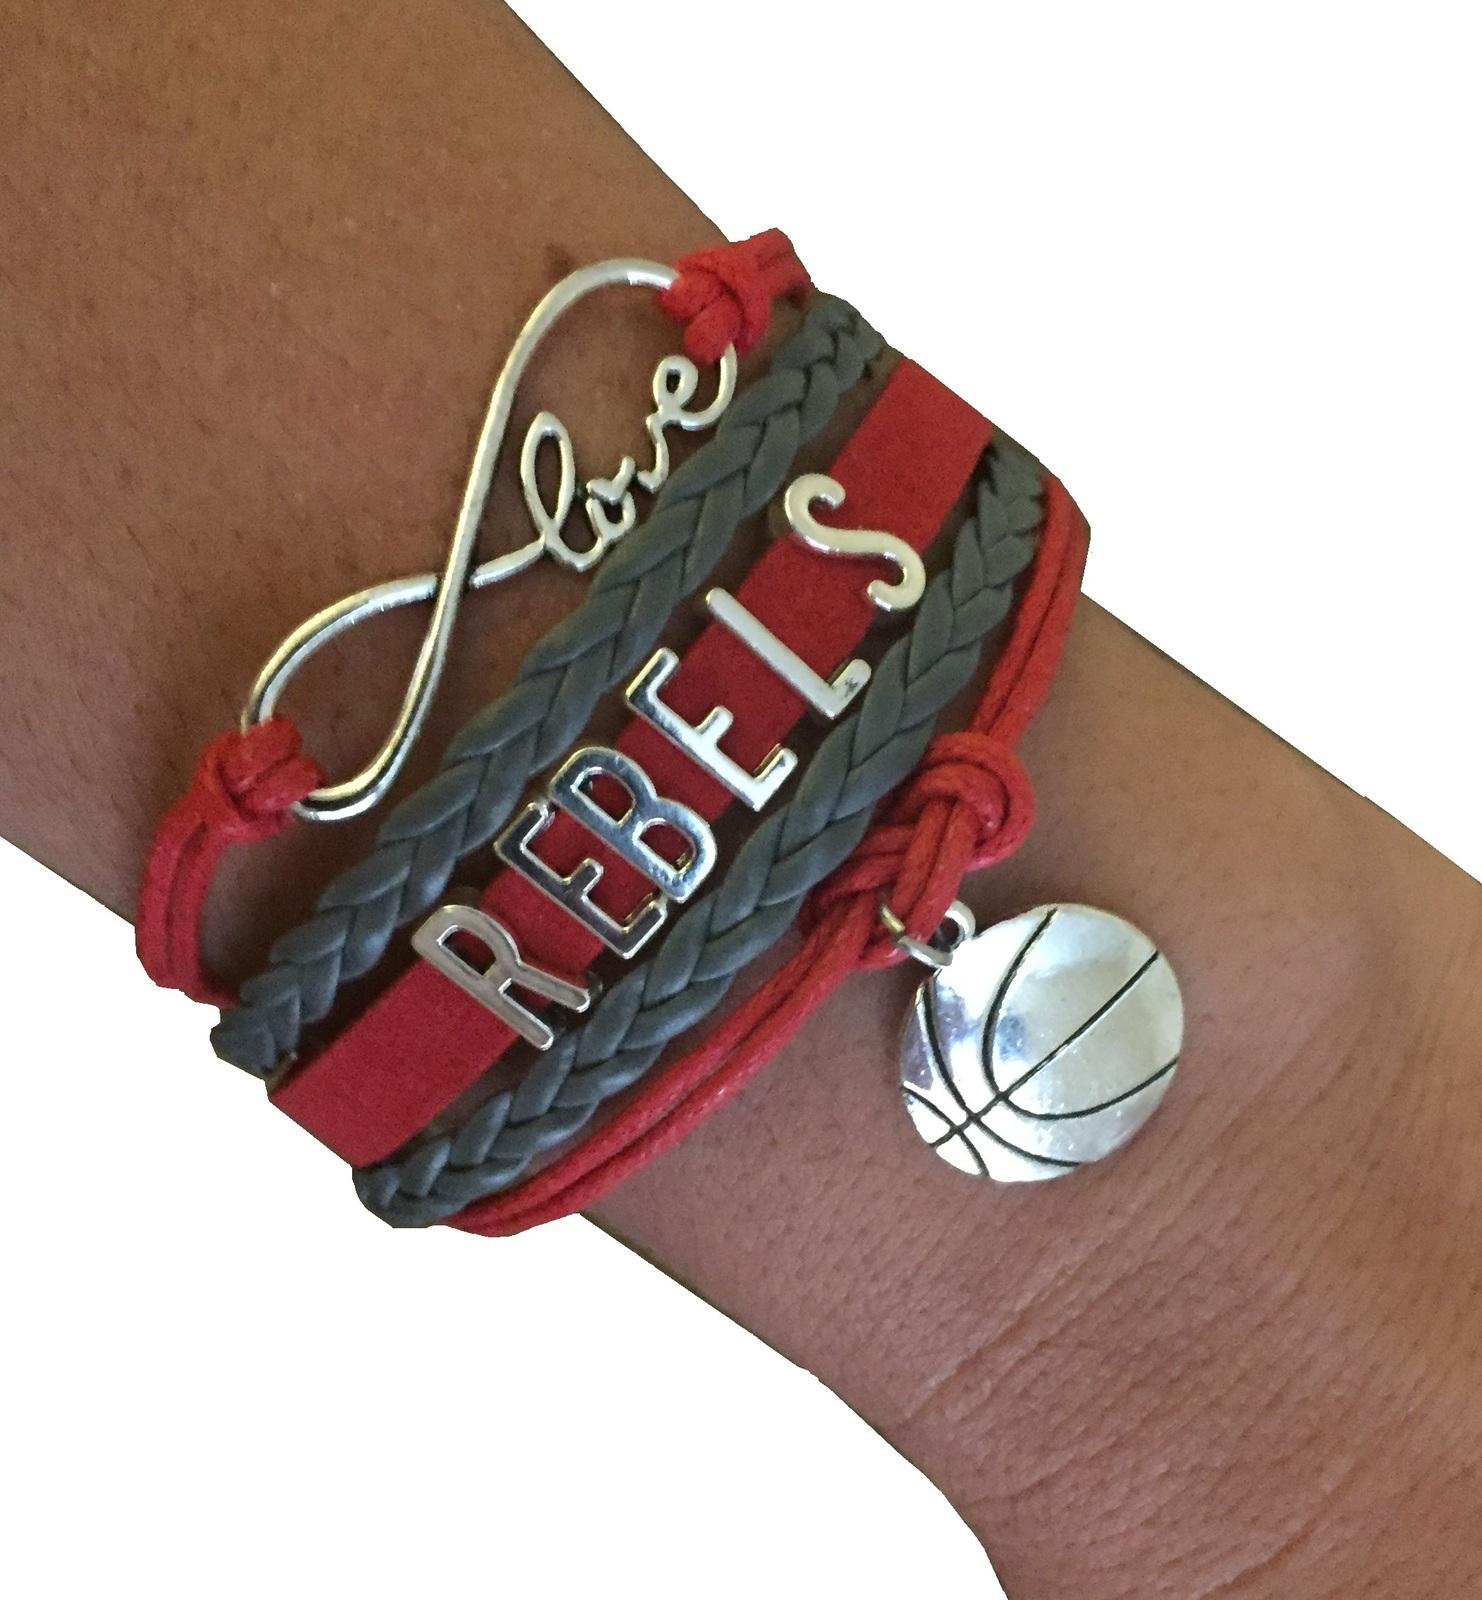 University of Nevada Las Vegas UNLV Rebels Fan Shop Infinity Bracelet Jewelry